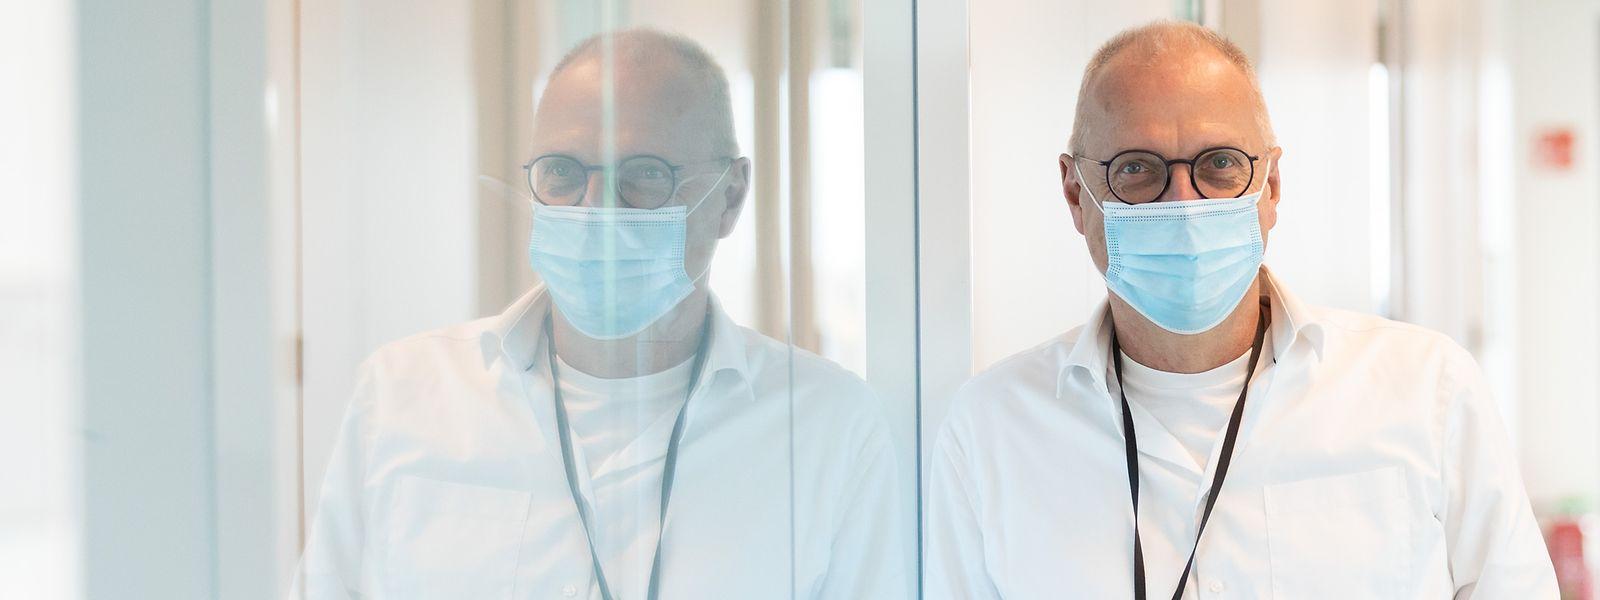 Selon les estimations du Dr Jean-Claude Schmit, directeur de la Santé, la vaccination de la population prendra du temps. Raison pour laquelle une large campagne d'information débutera «prochainement».